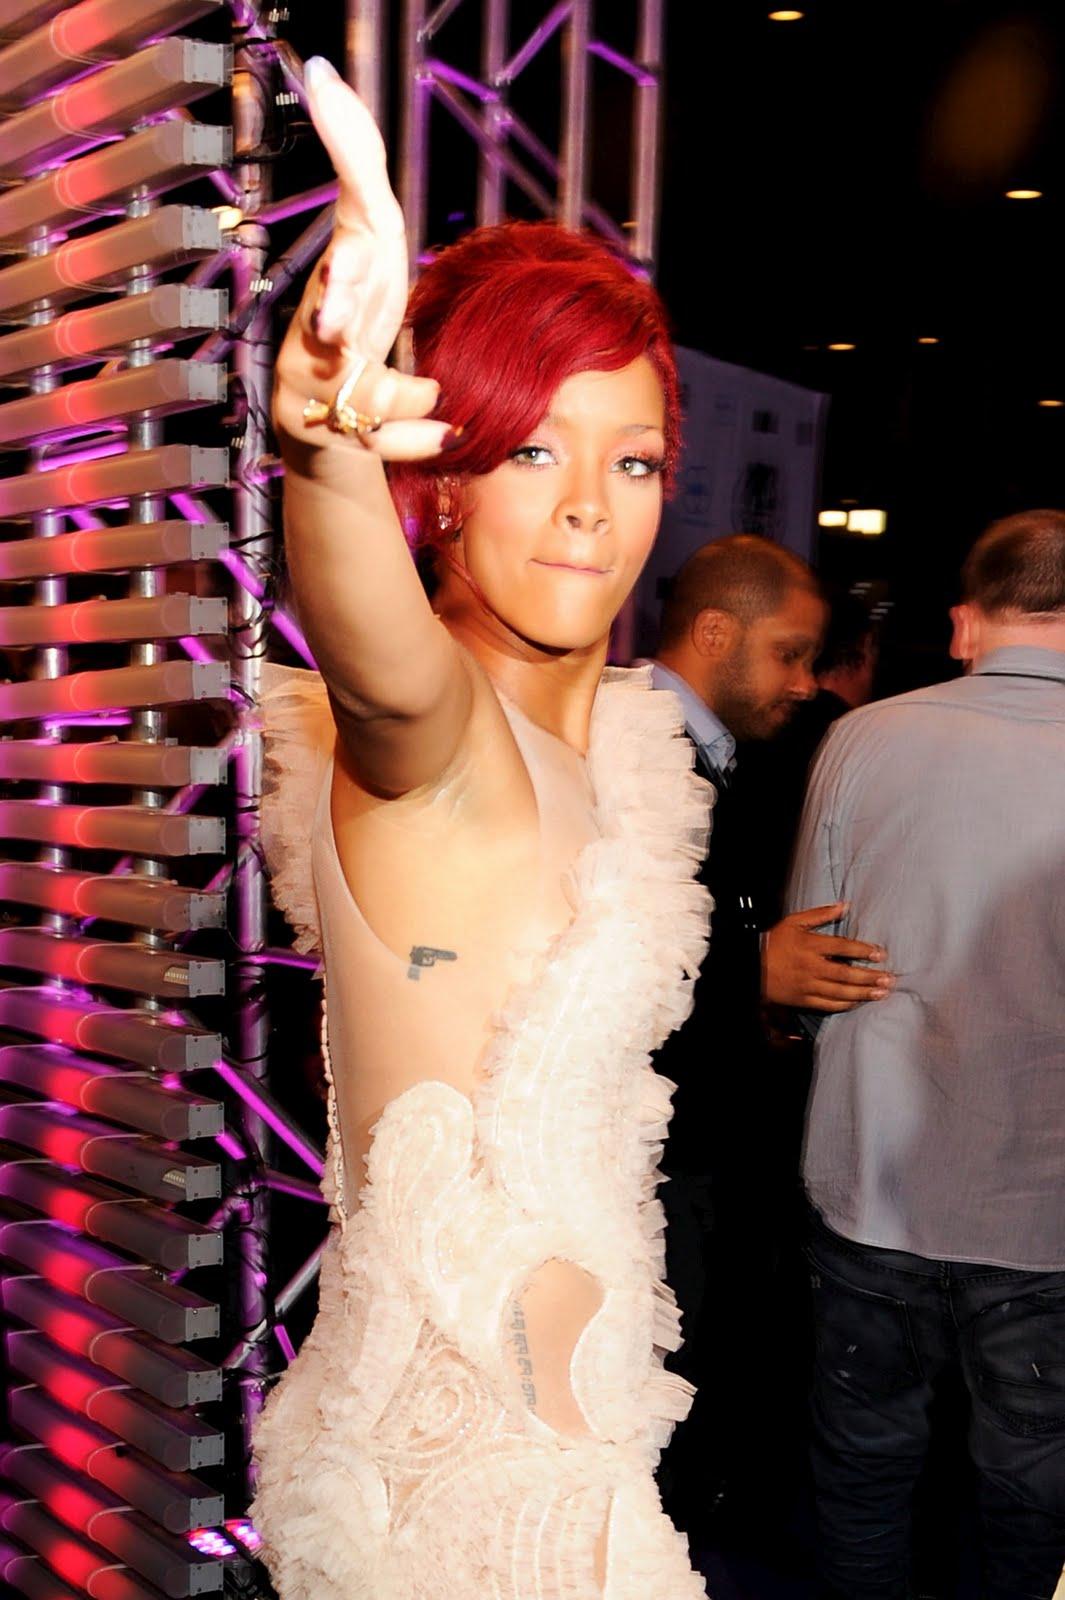 http://2.bp.blogspot.com/_ImioM_zH-NY/TNhltGFPhnI/AAAAAAAAAy0/163gv-pTL98/s1600/Rihanna-181.jpg